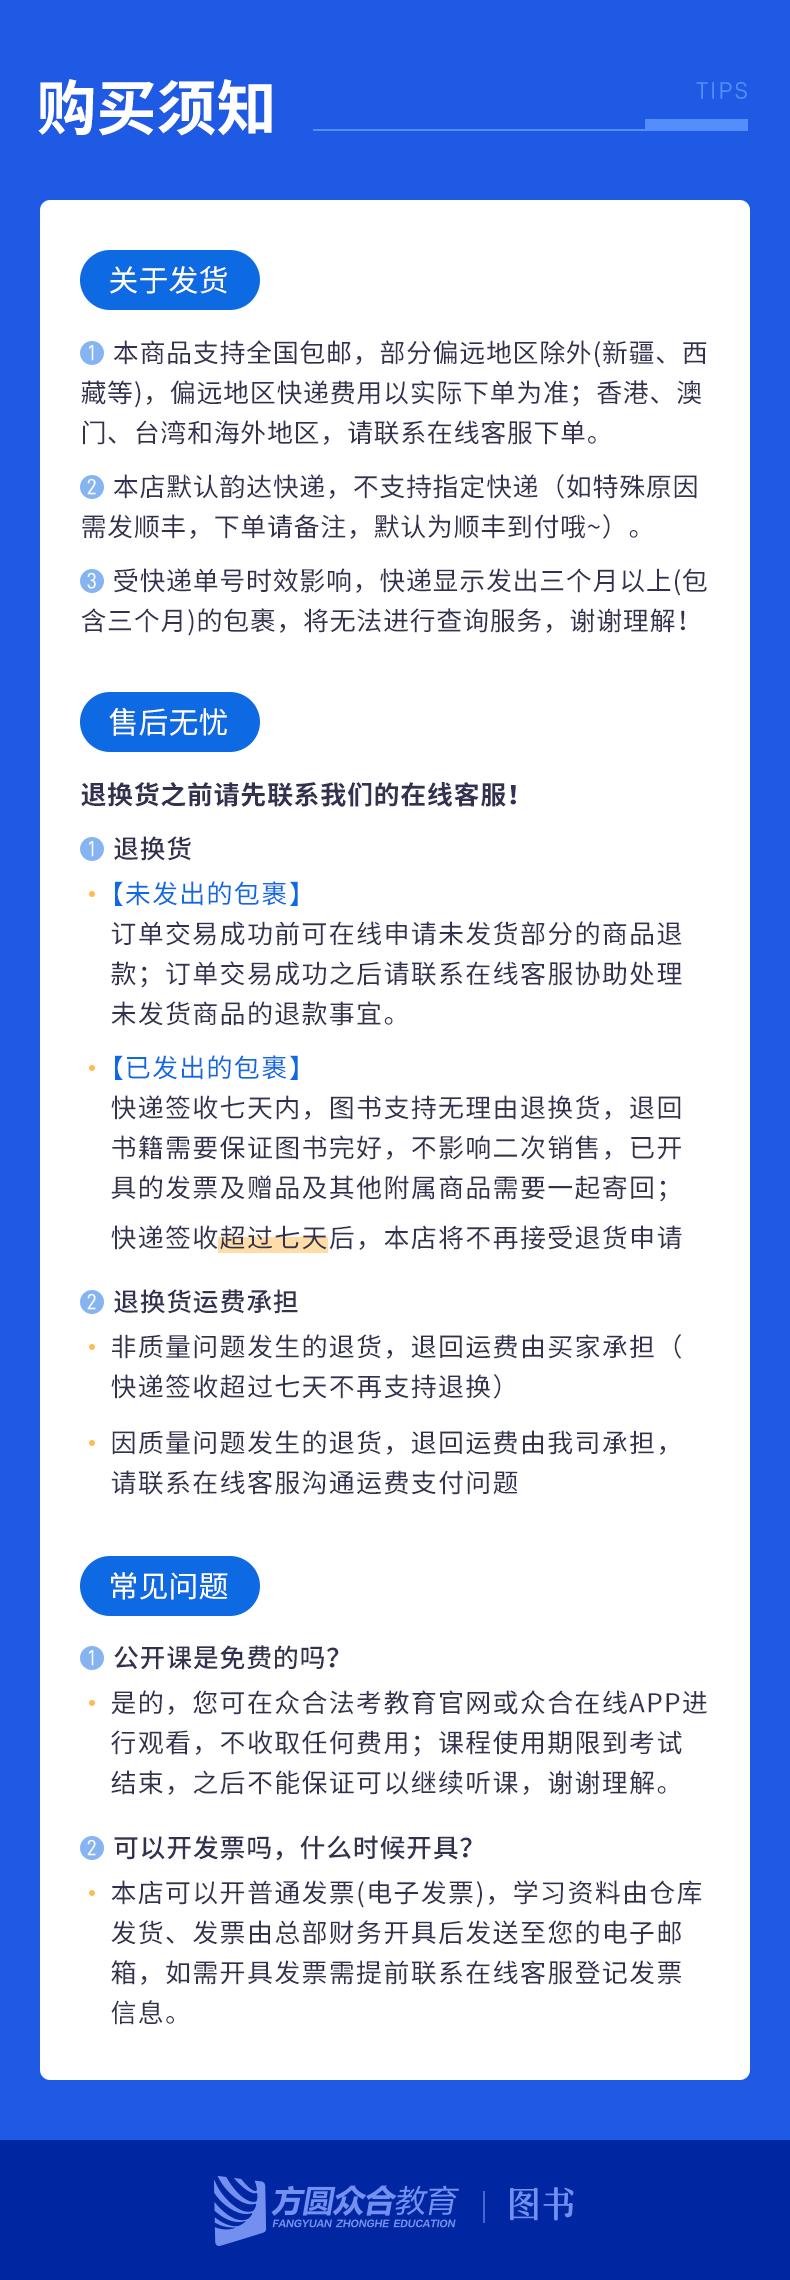 切图改-精讲_真金.png